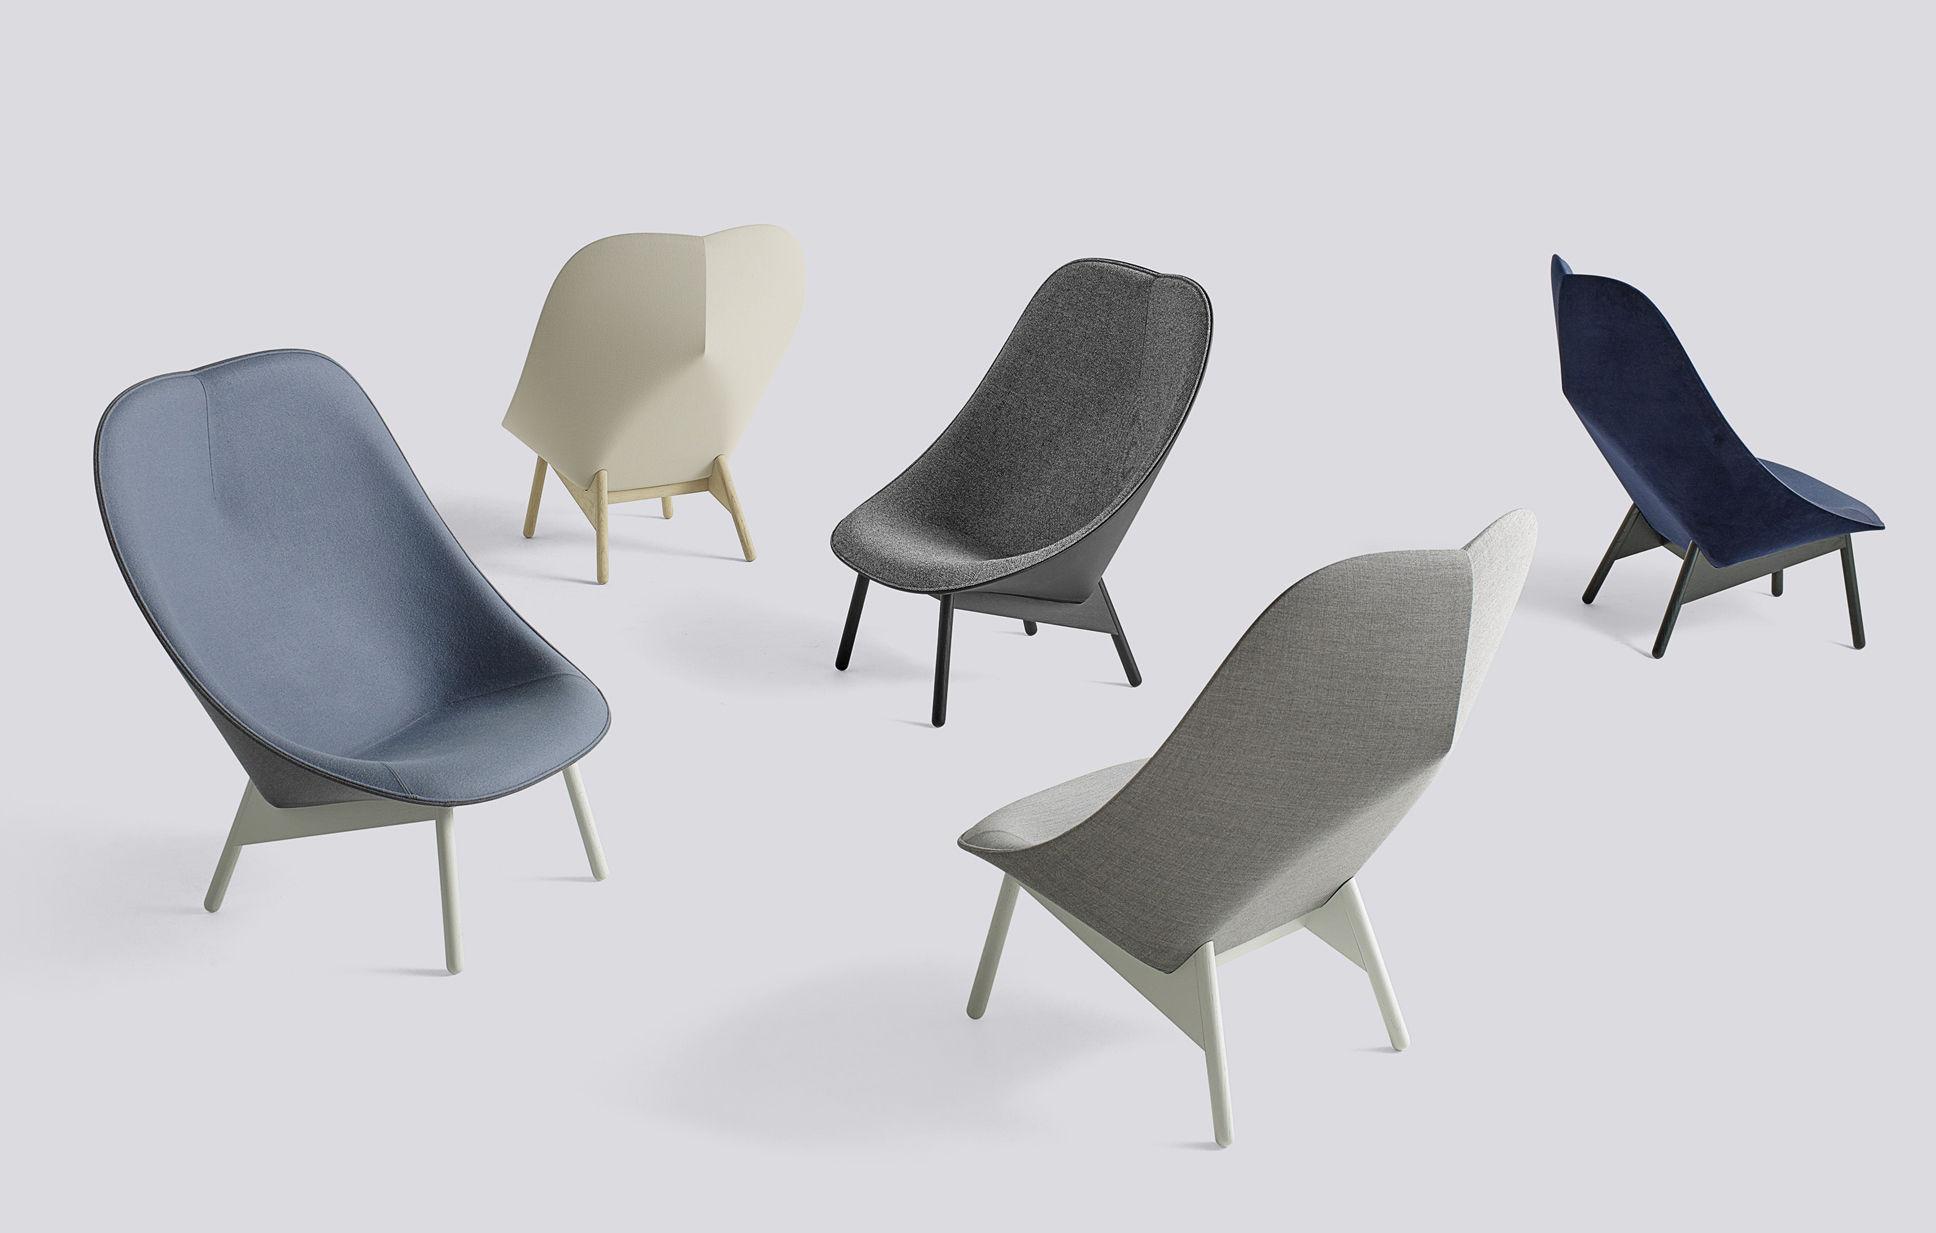 uchiwa hay gepolsterter sessel. Black Bedroom Furniture Sets. Home Design Ideas